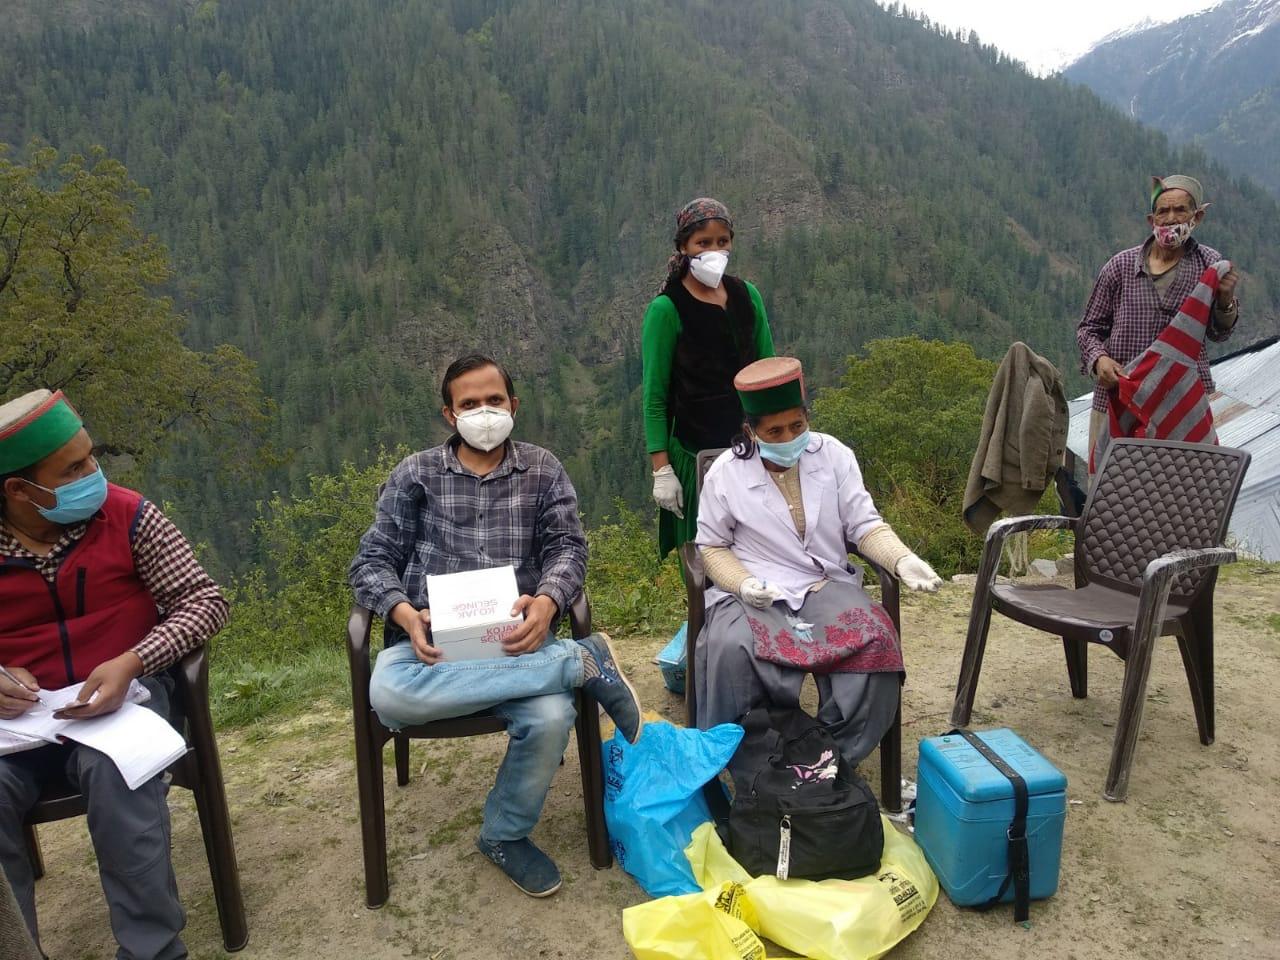 हिमाचल के दुर्गम क्षेत्र डोडराक्वार में वैक्सीन लगाने के लिए पहुंचे स्वास्थ्य विभाग के कर्मचारी।